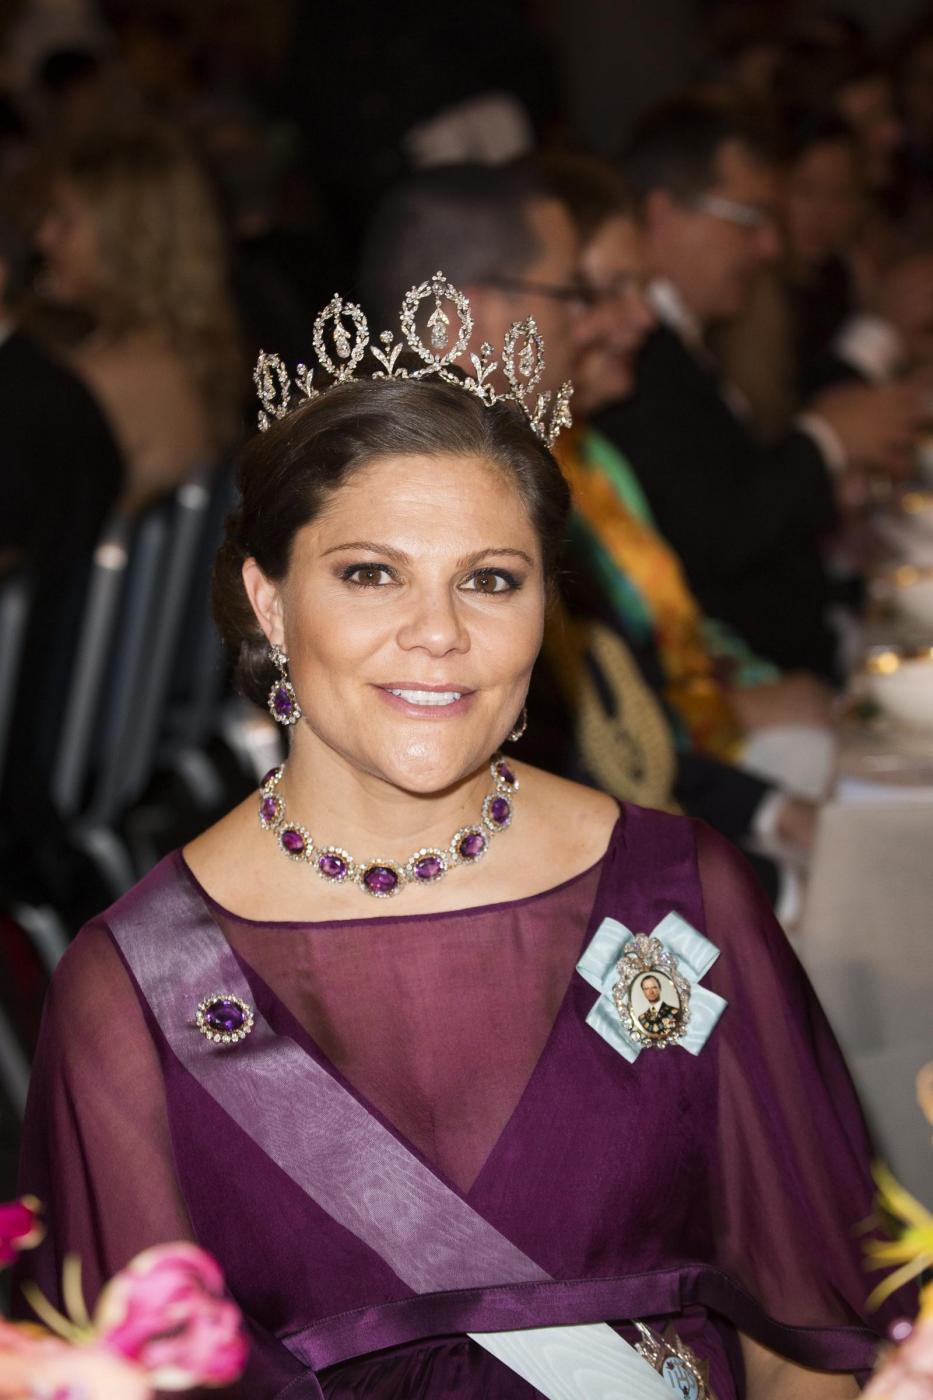 Nobel, principessa di Svezia incinta con abito a vita alta